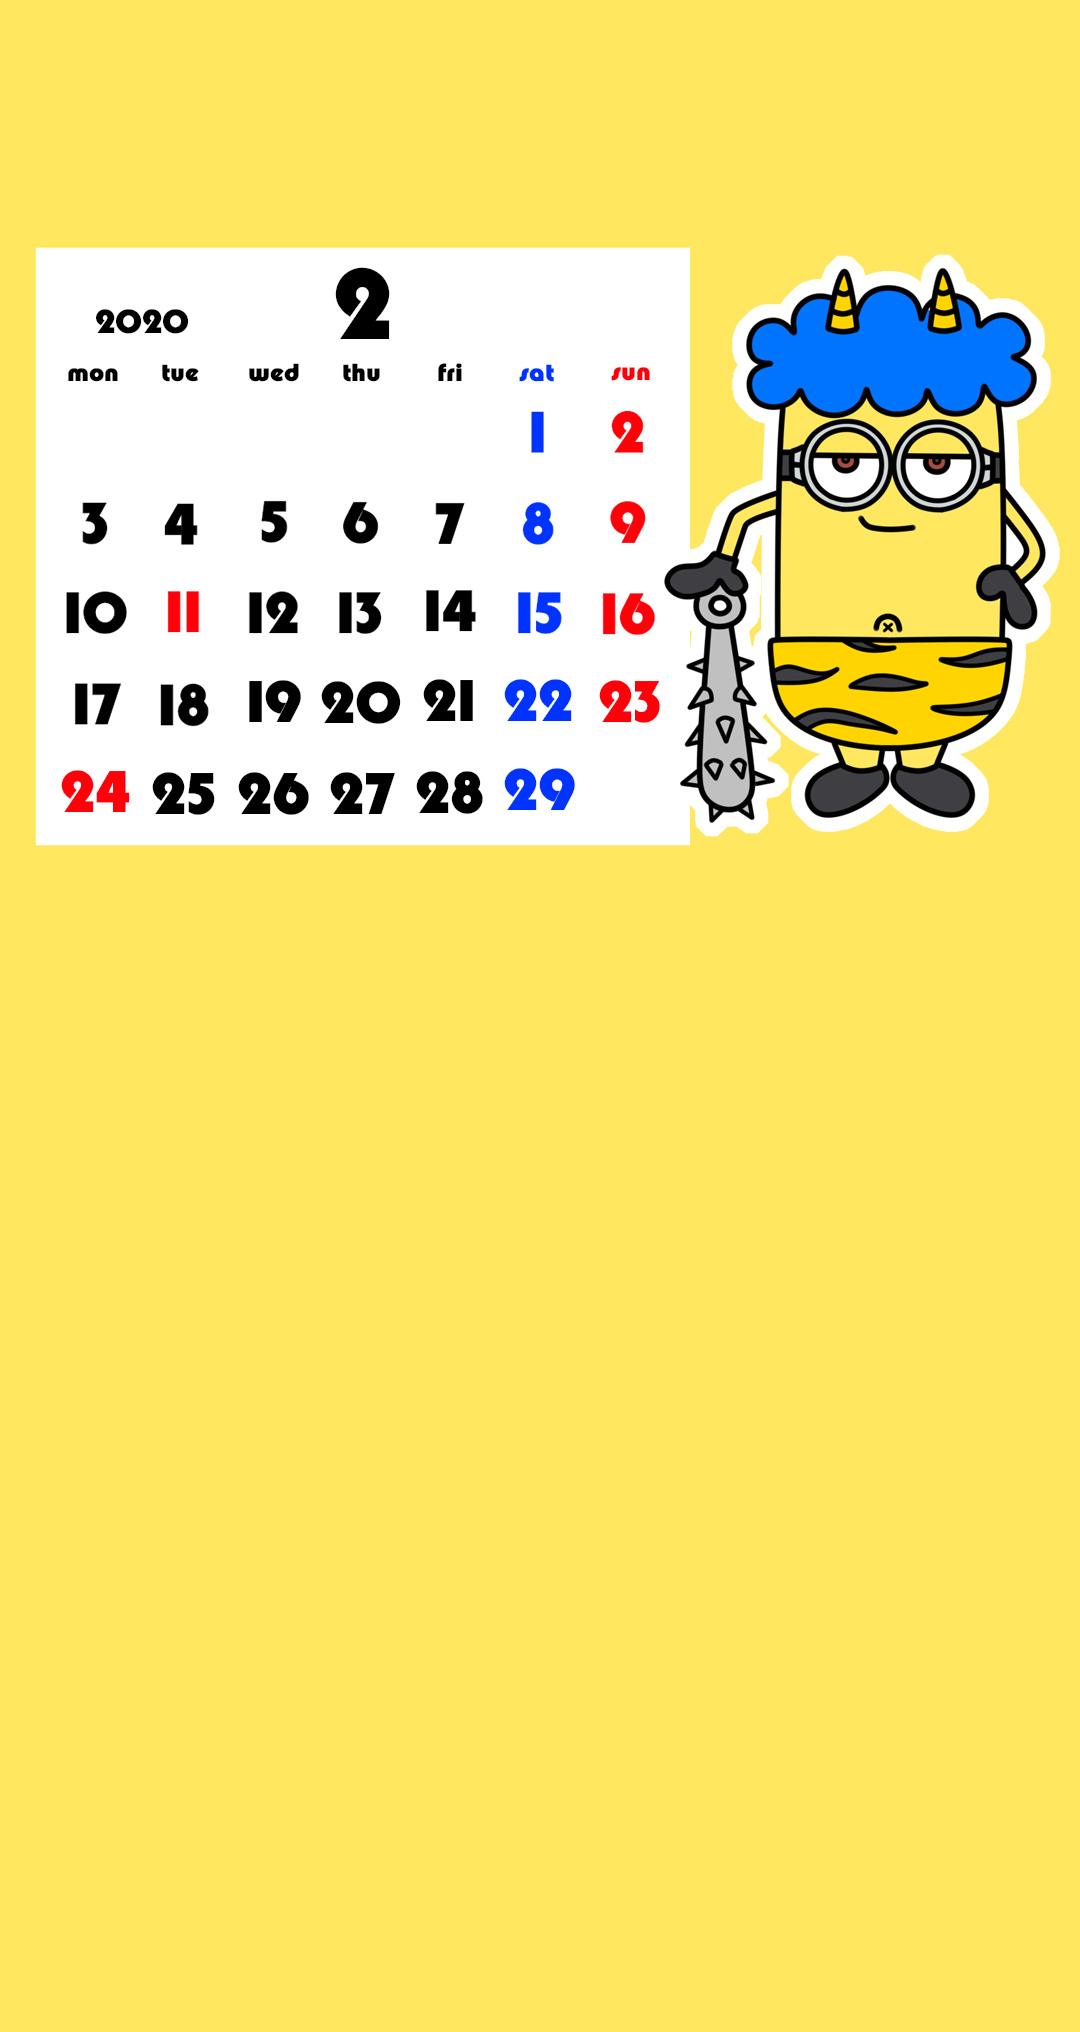 待ち受けカレンダー スマホ壁紙 ミニオンズ Android用 月曜始まり 2020年2月